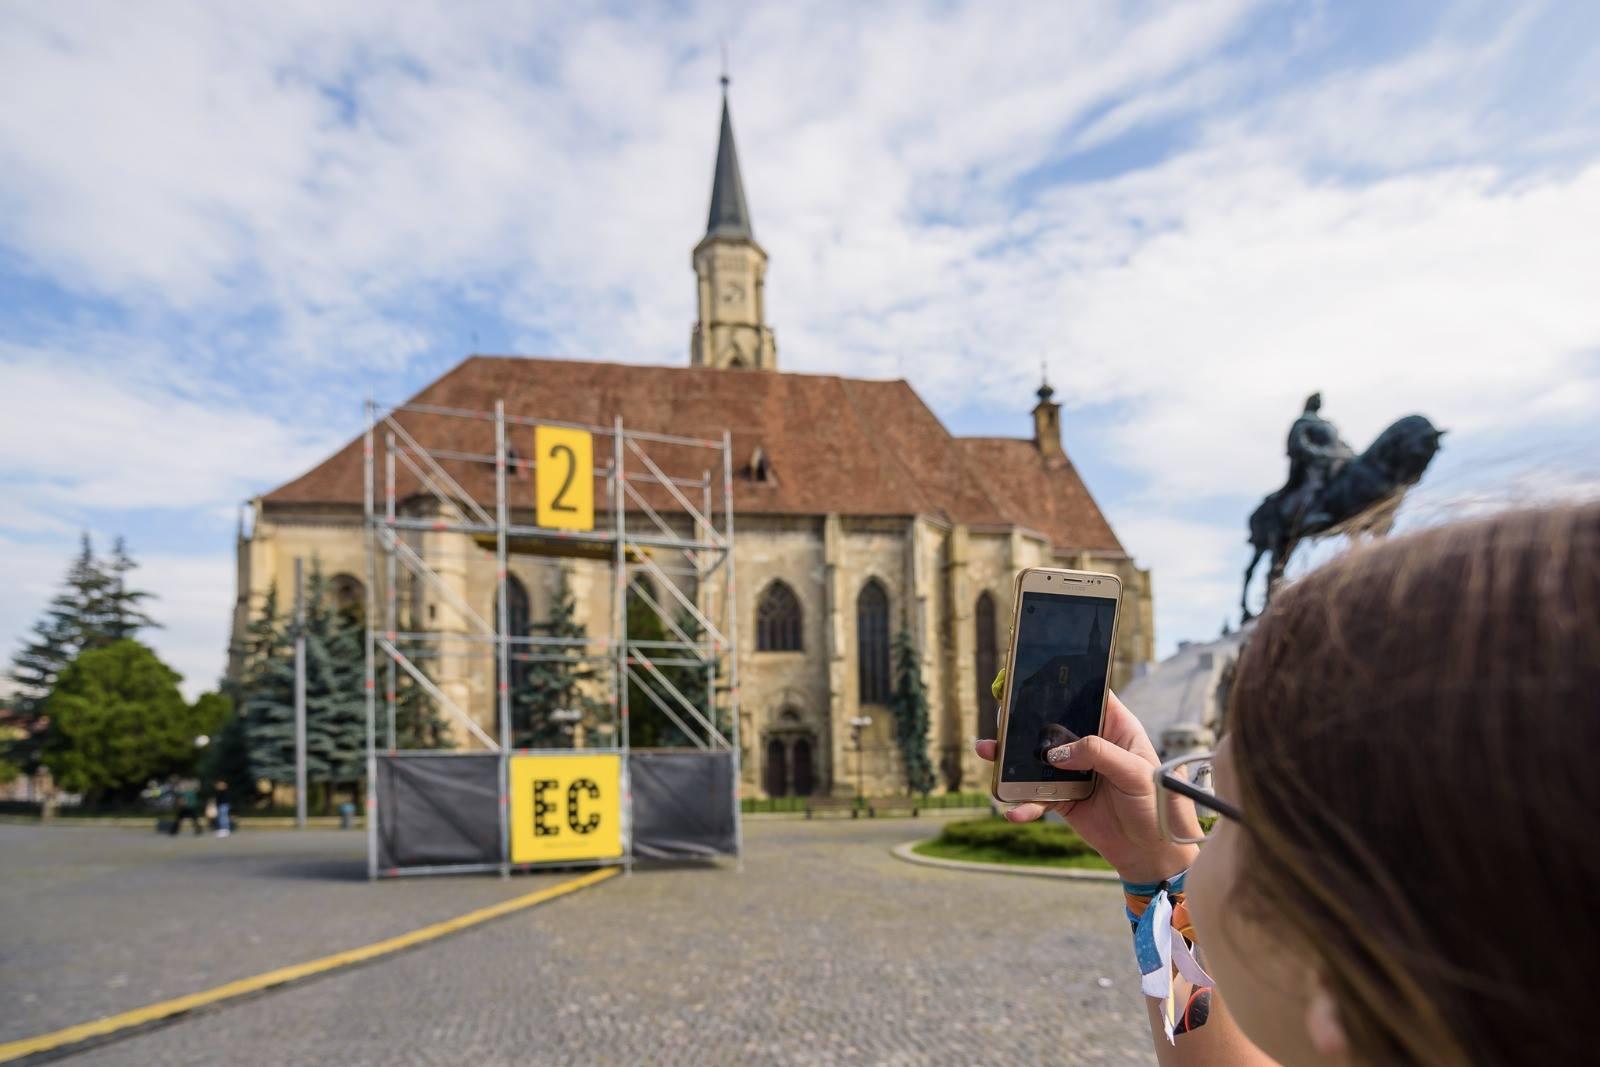 electric castle ne vedem la castel